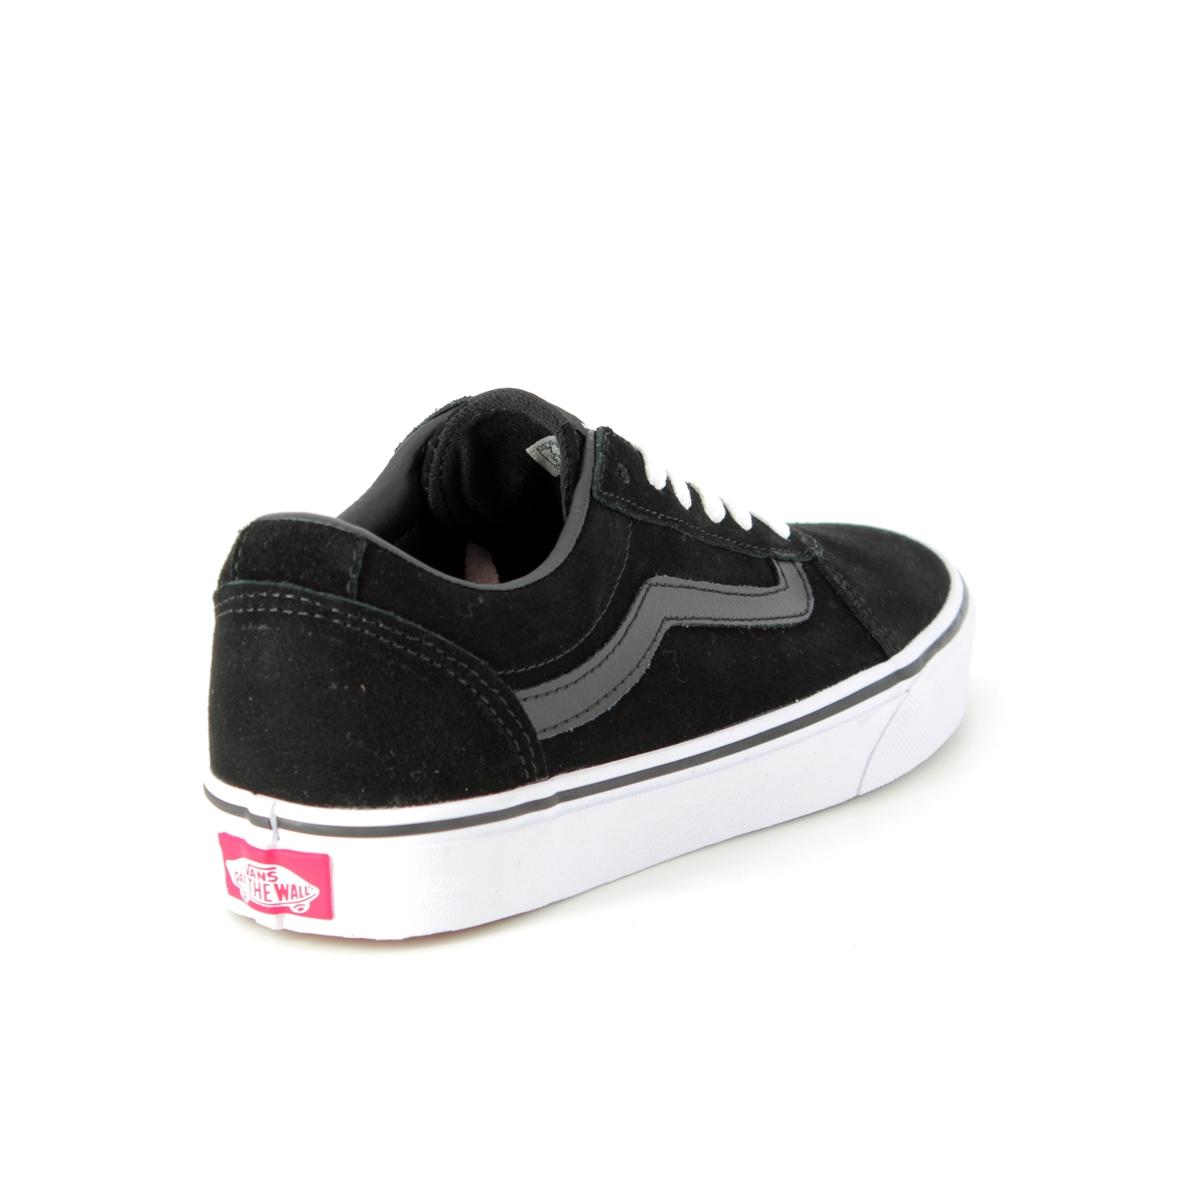 bd7978cb1be Vans Trainers - Black suede - VA3IUN0XT 30 WARD